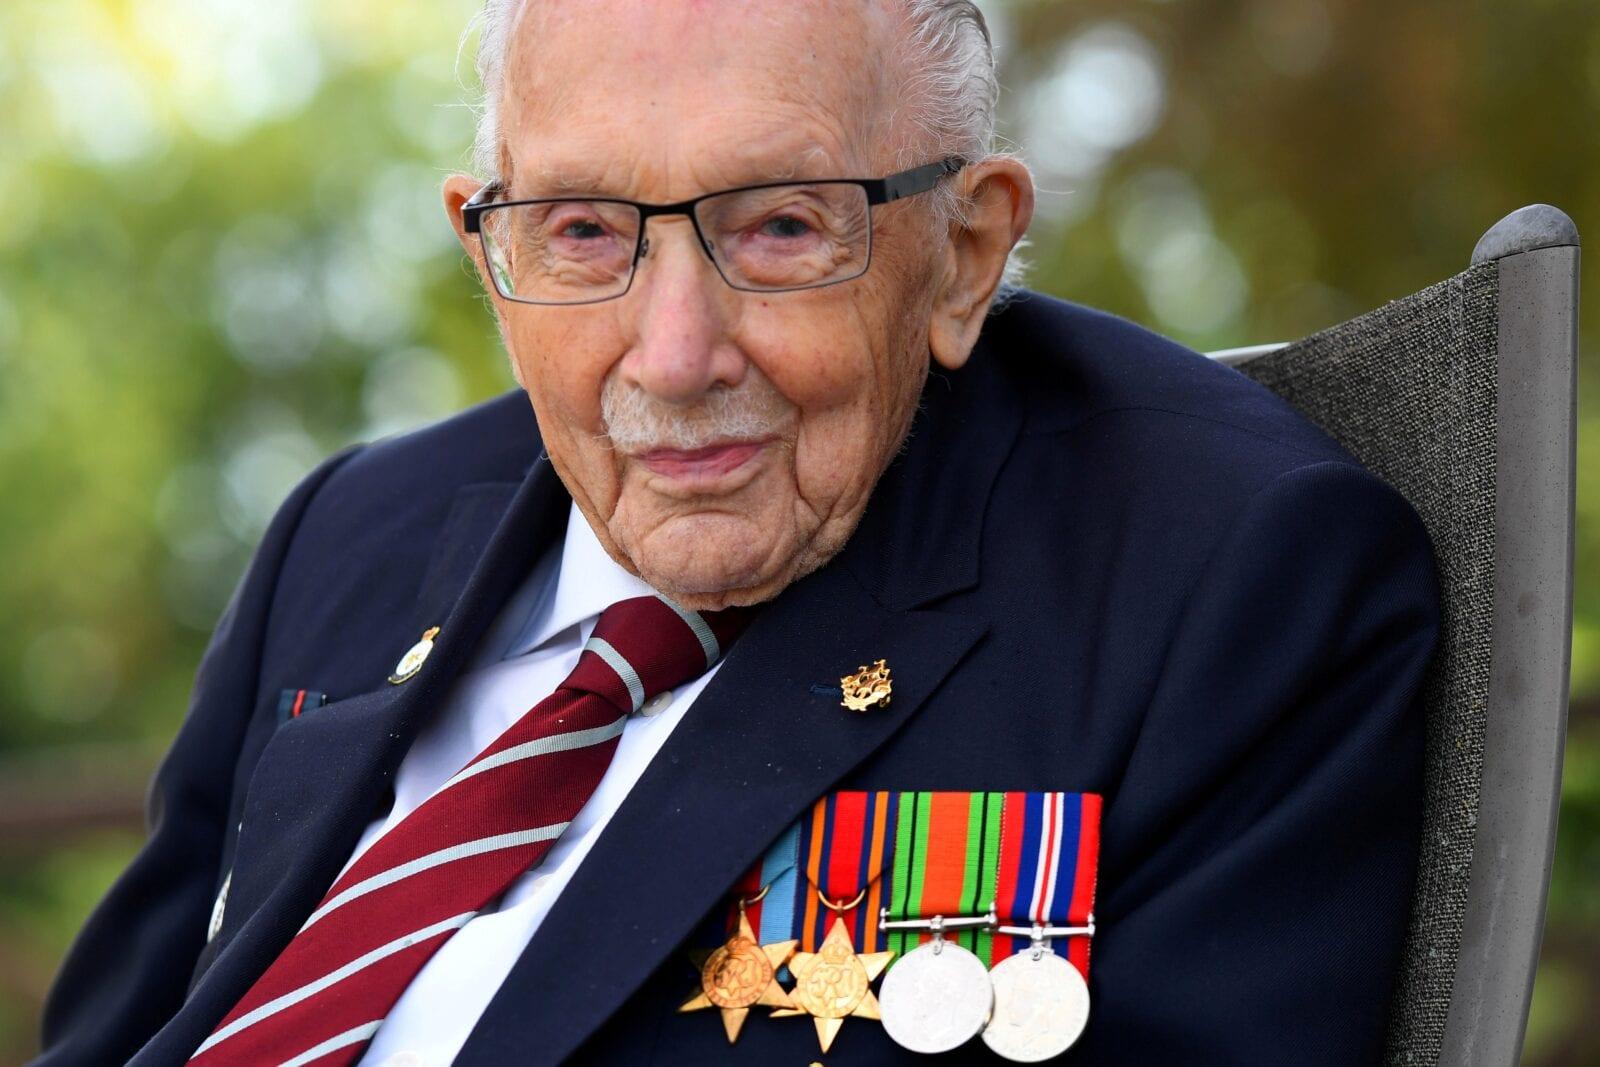 UK landmarks light up blue in memory of Captain Tom, The Manc